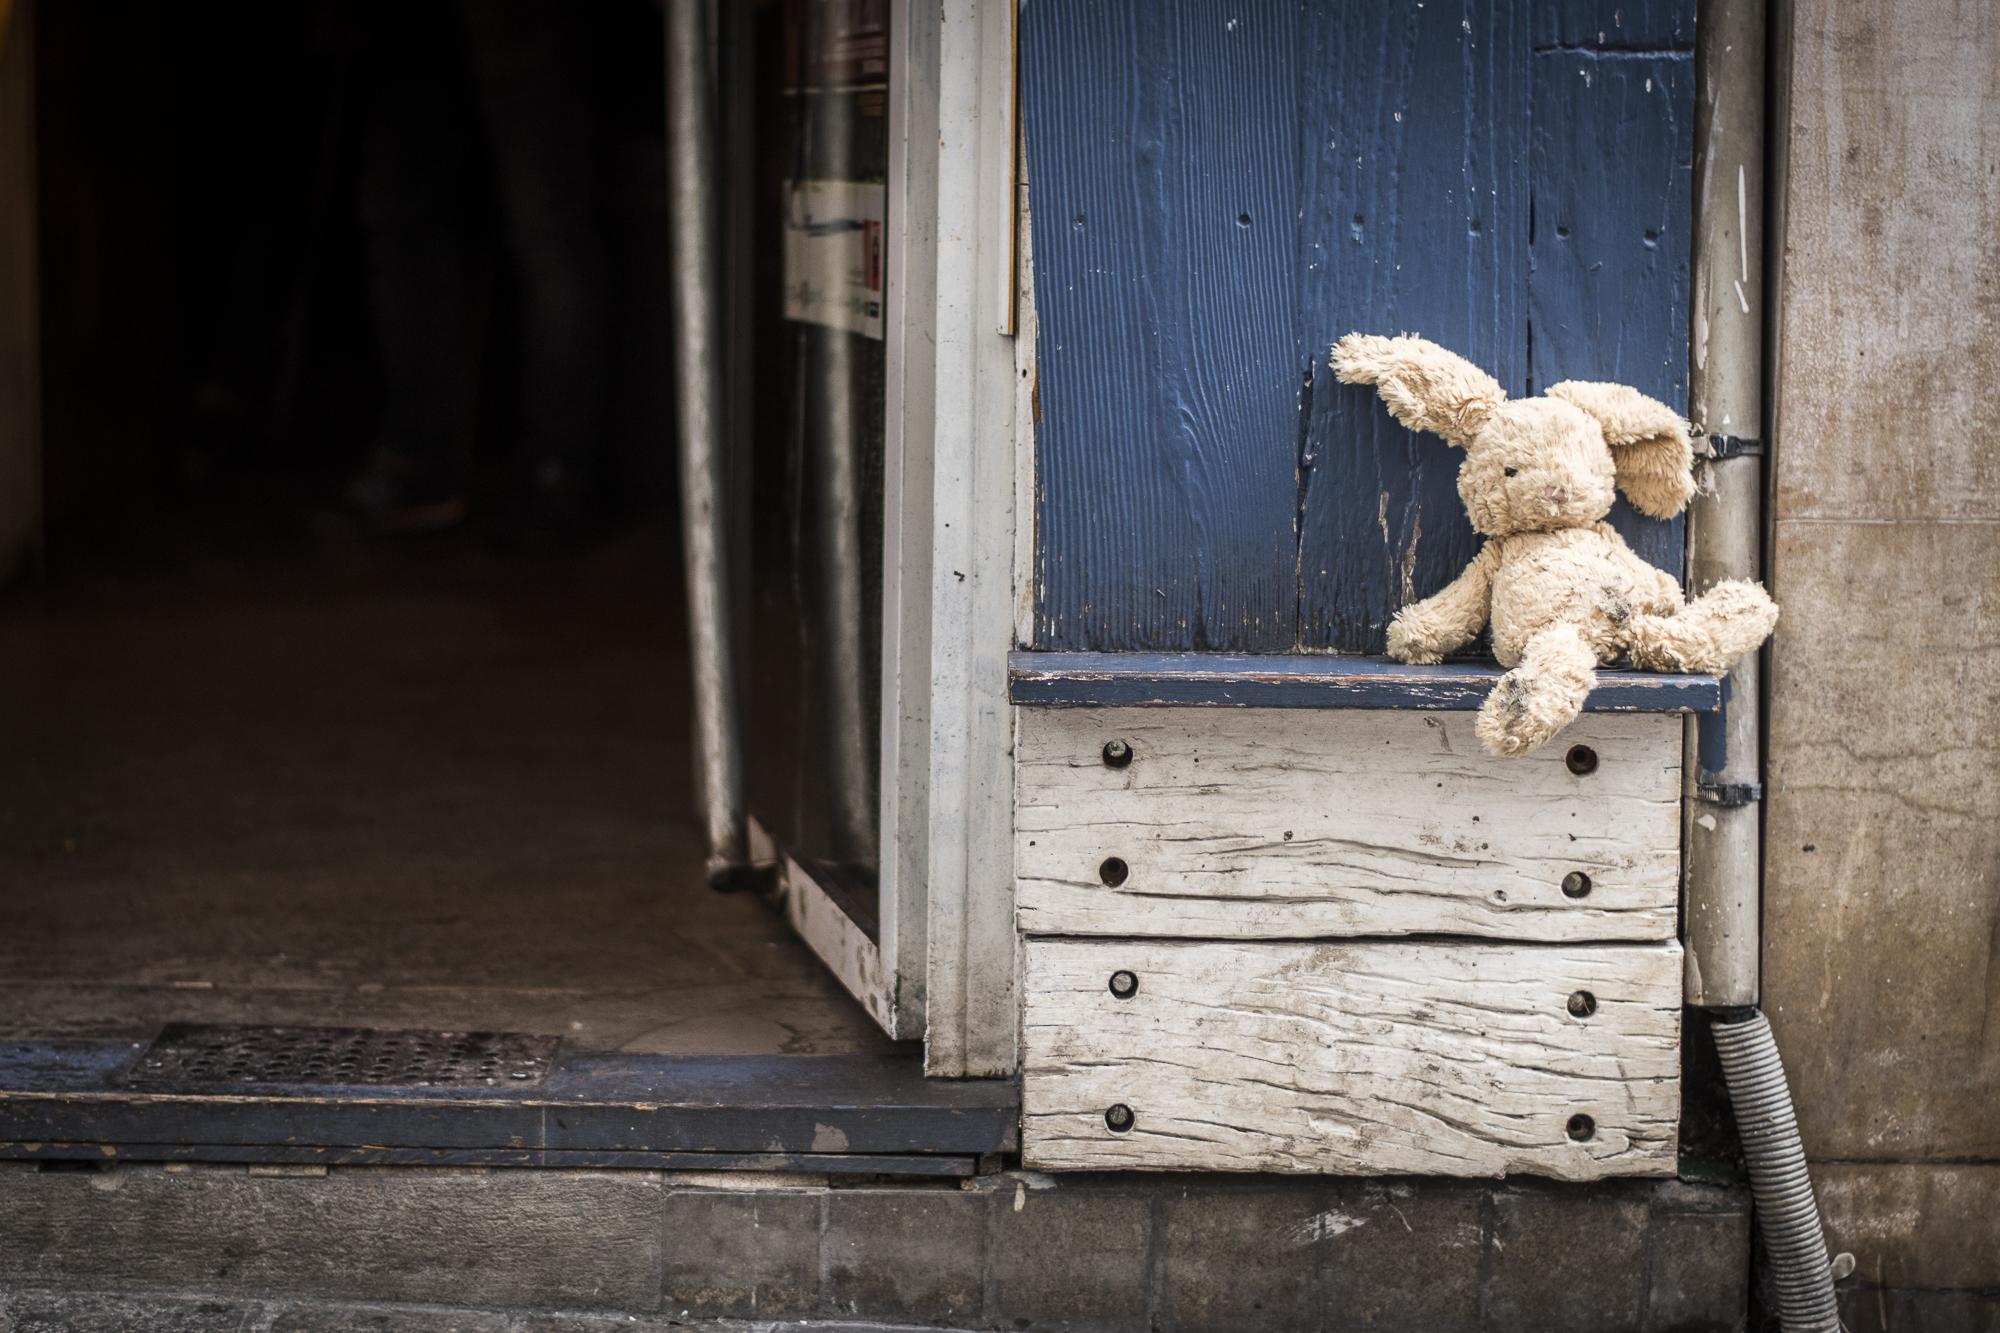 Rue de Cotte  PHOTOGRAPHY: ALEXANDER J.E. BRADLEY • NIKON D500 •AF-S Nikkor 50mm f/1.8G • F/1.8 • 1/125 • ISO 400